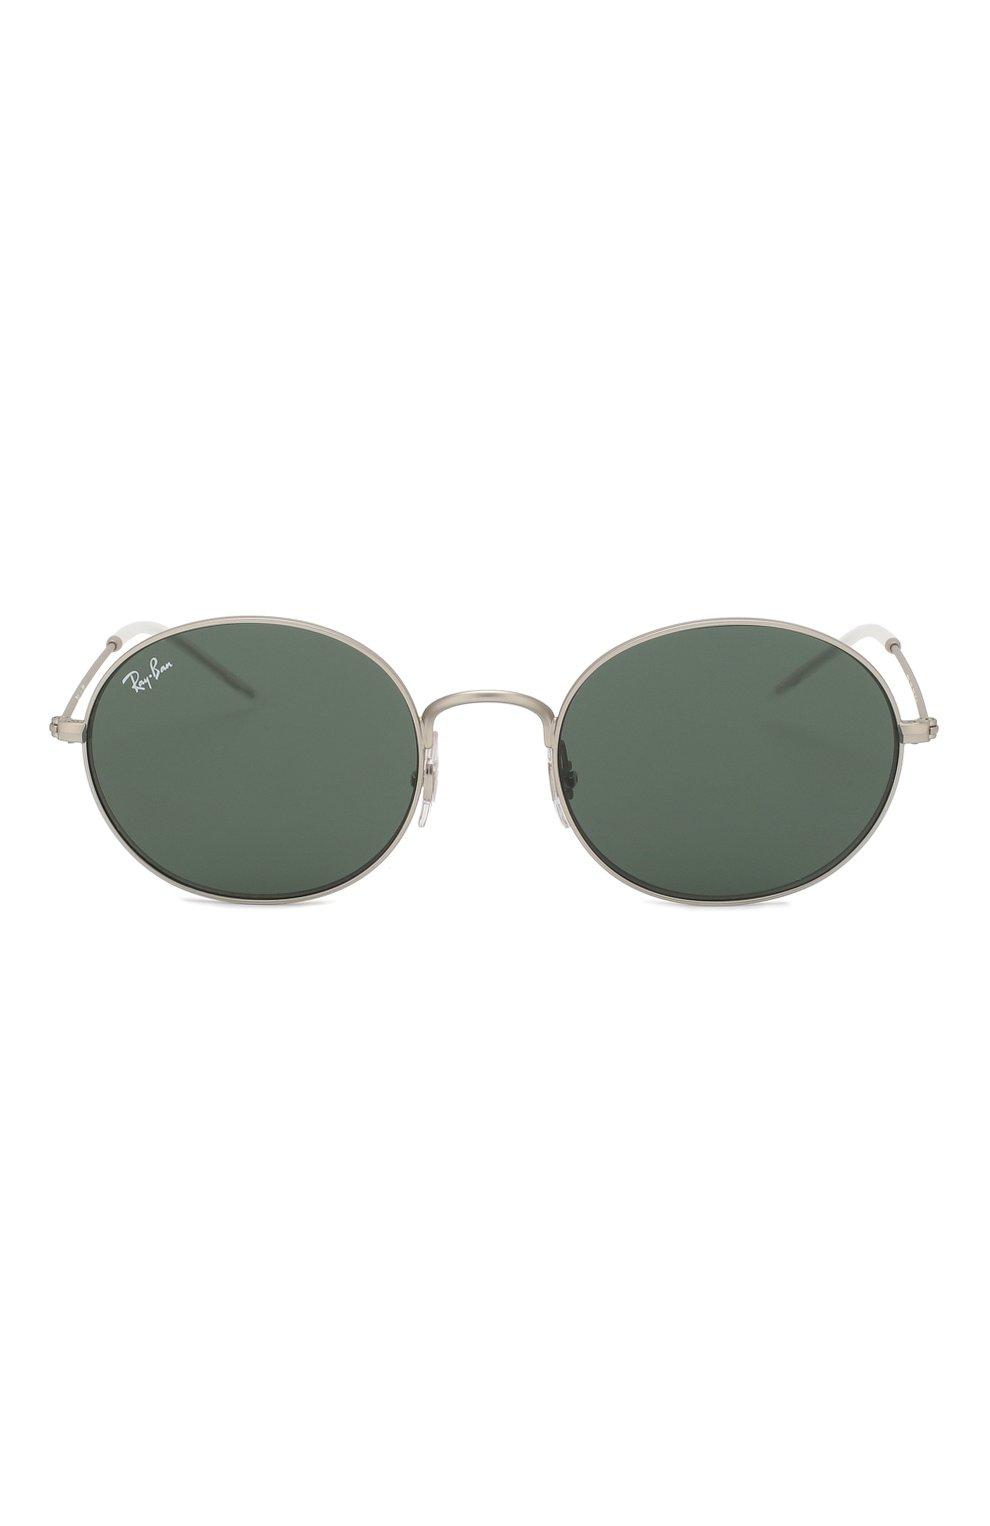 Мужские солнцезащитные очки RAY-BAN серебряного цвета, арт. 3594-911671   Фото 2 (Тип очков: С/з; Статус проверки: Требуются правки, Проверена категория; Очки форма: Овальные; Оптика Гендер: оптика-унисекс)